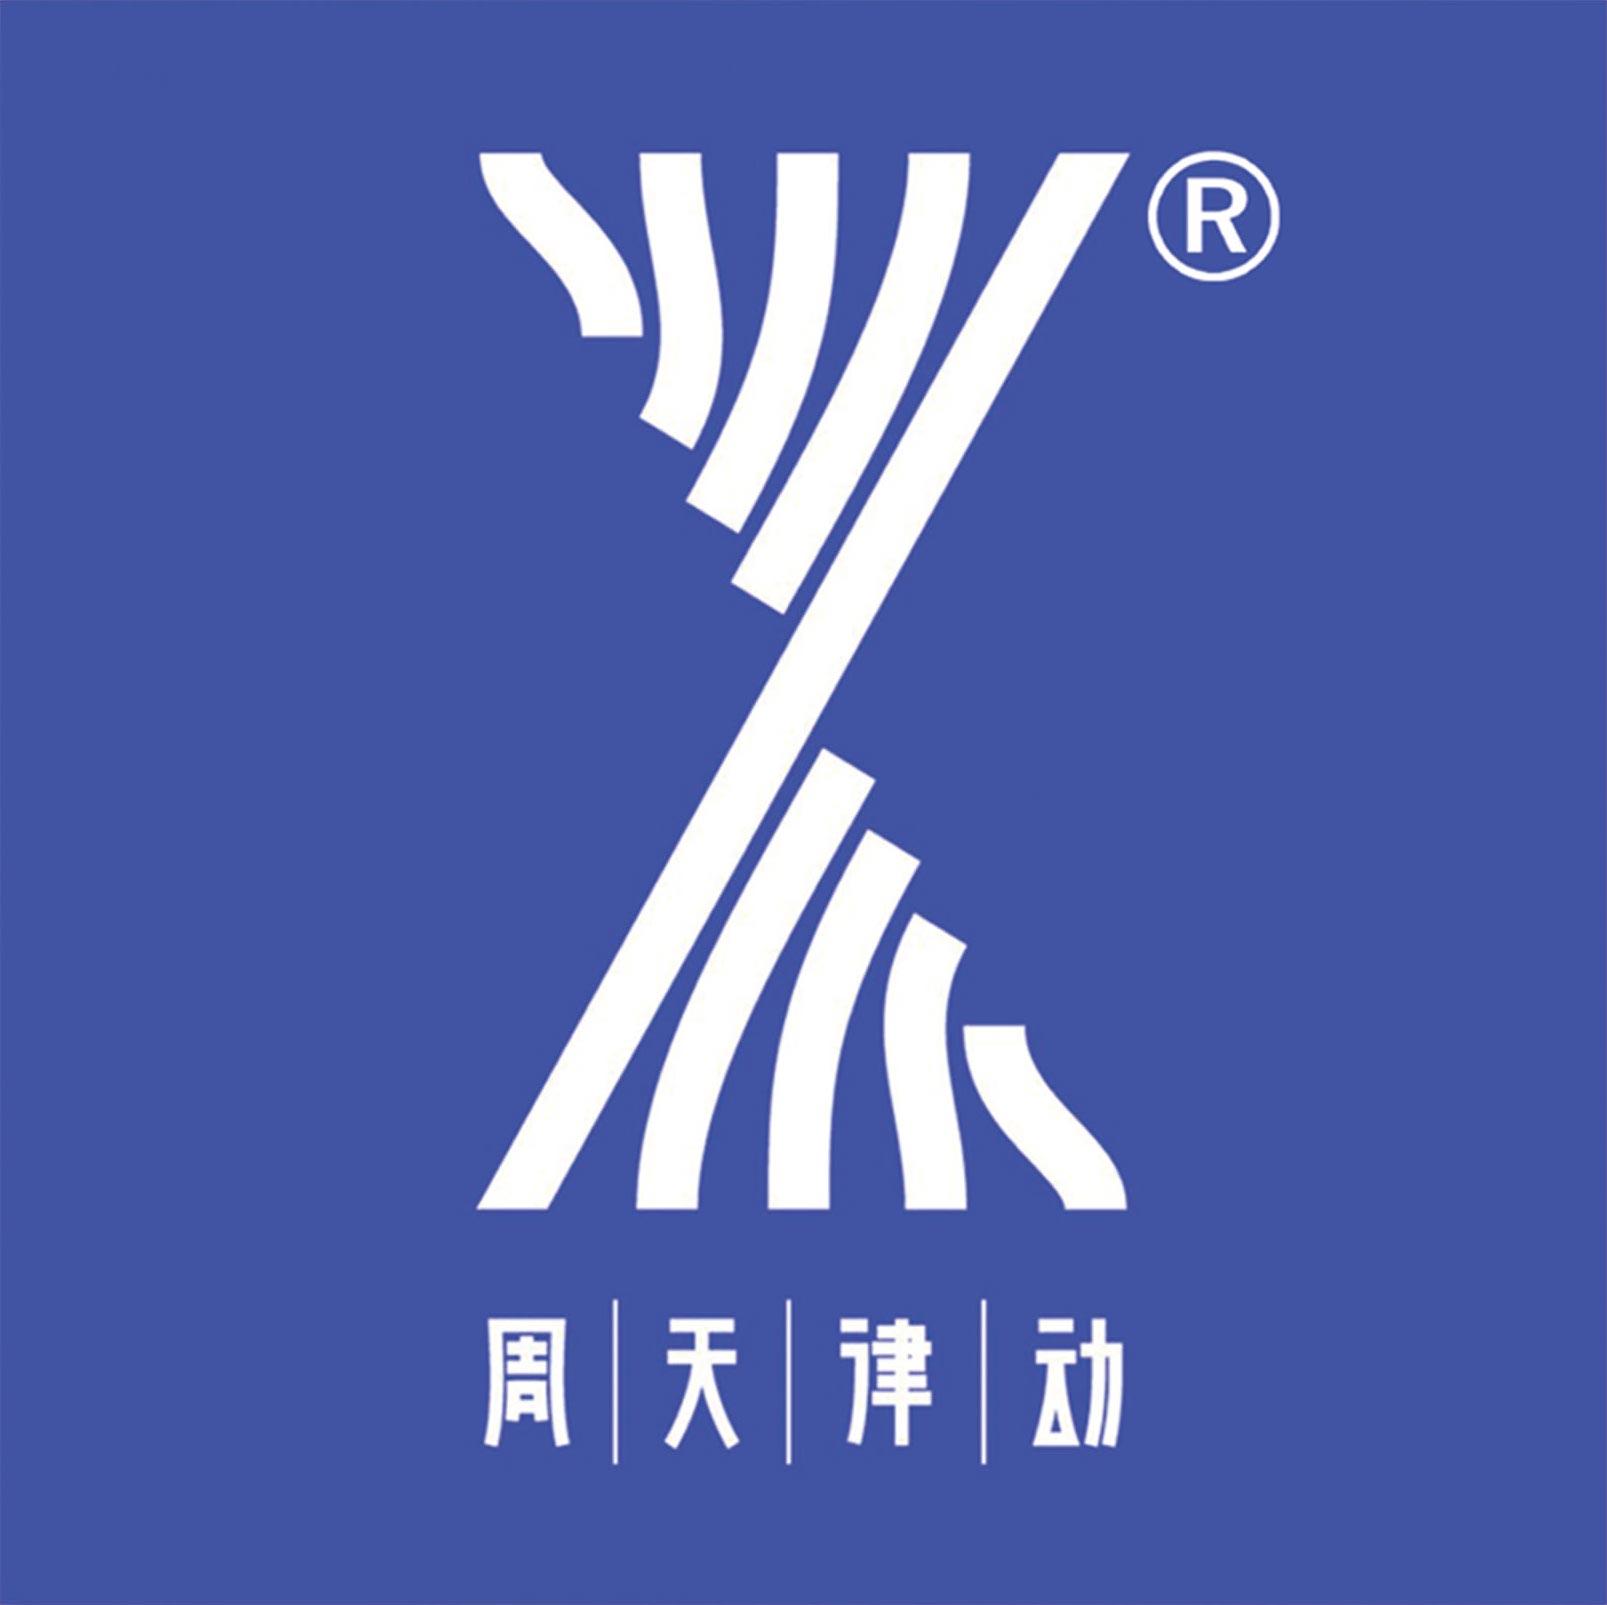 深圳市周天律動科技有限公司Logo